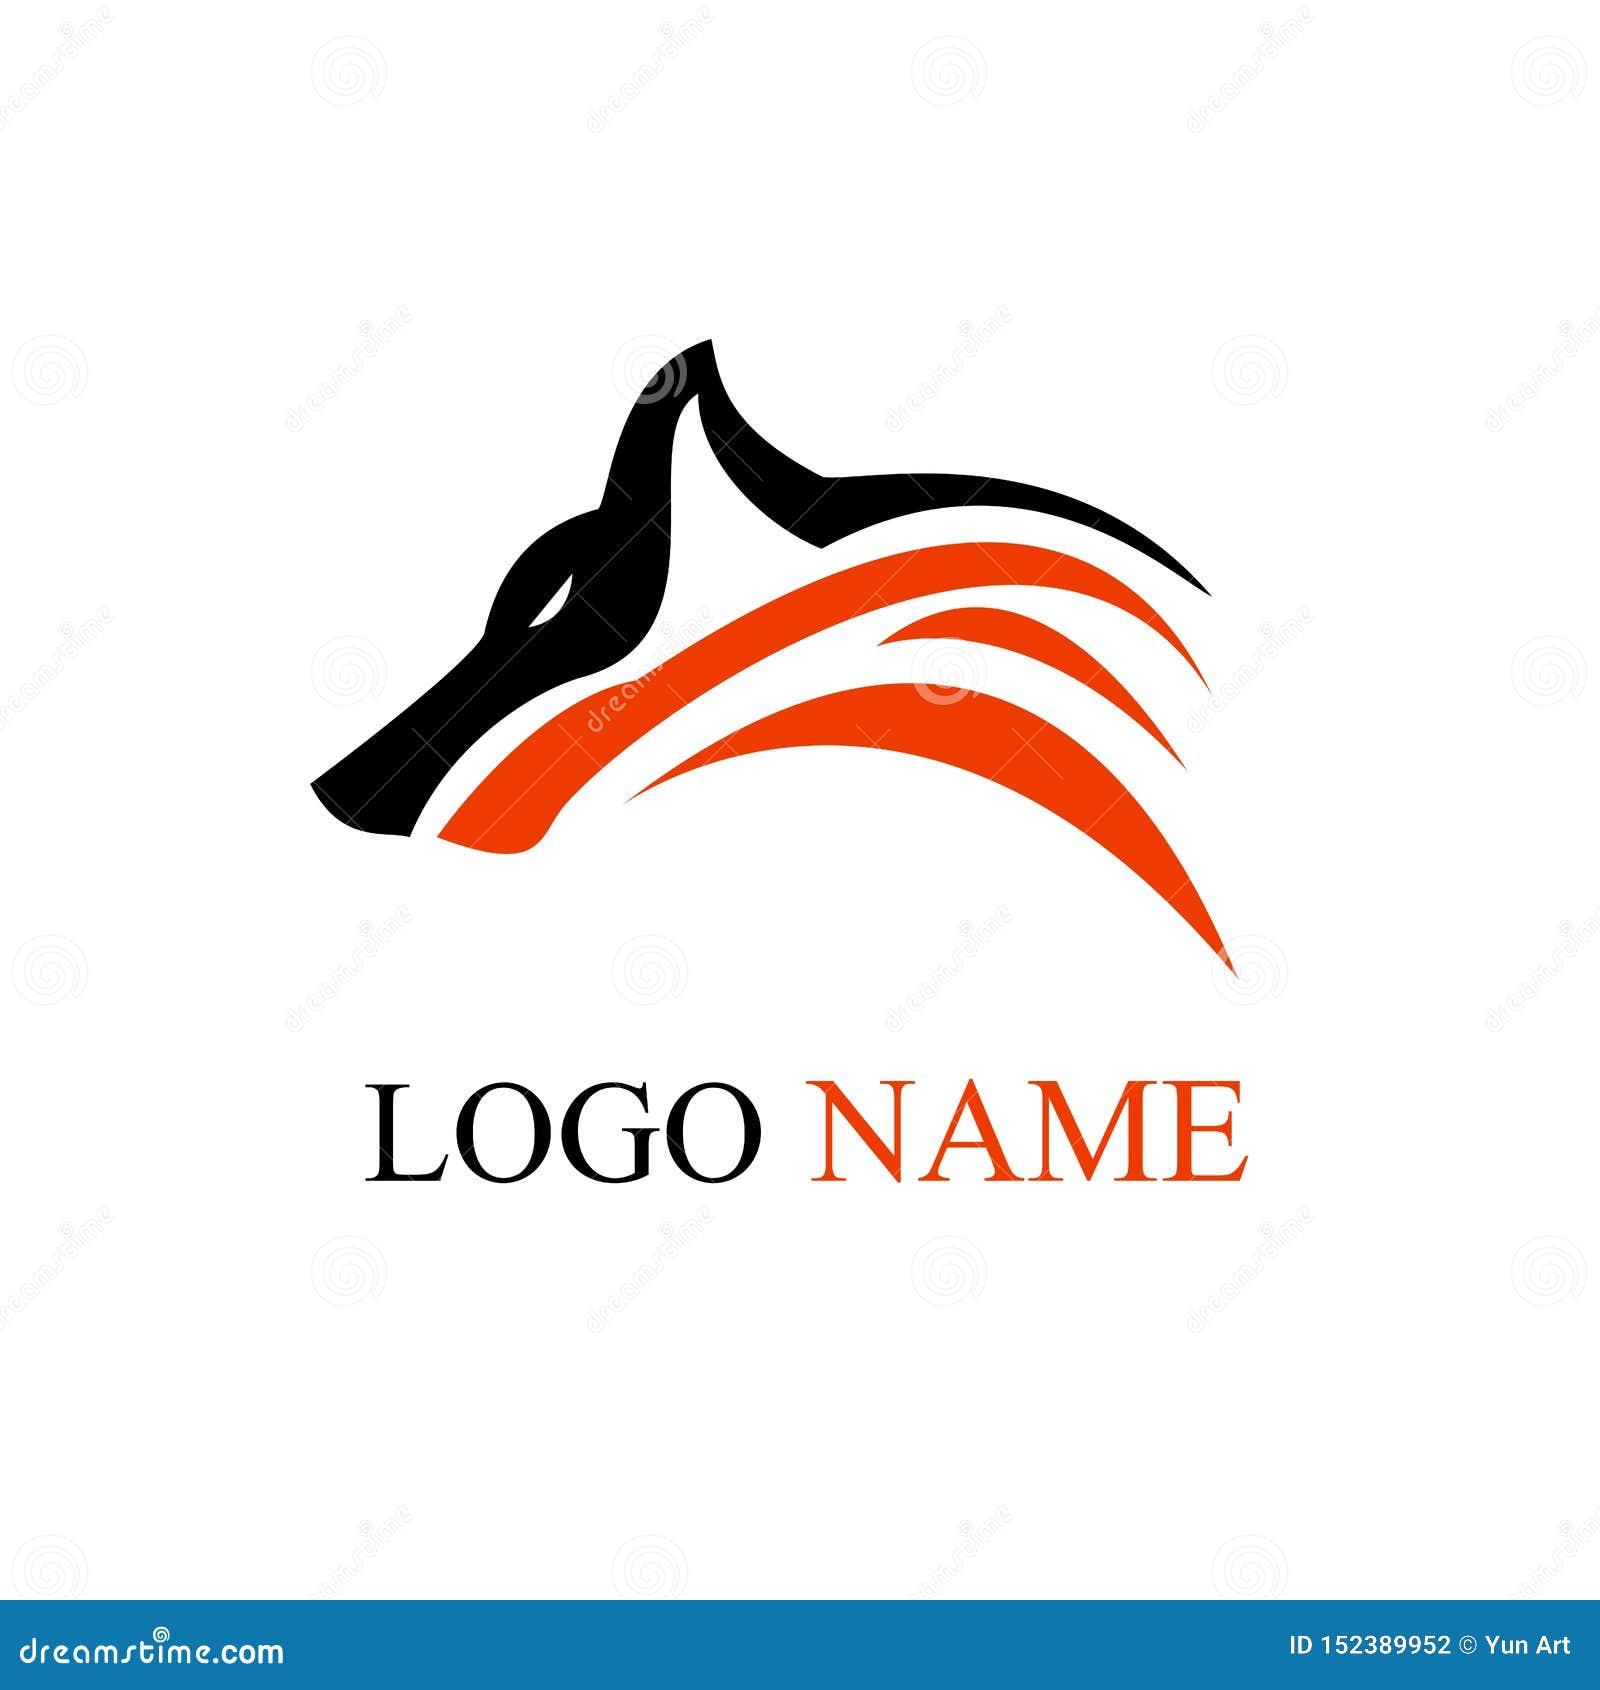 Arte do projeto do logotipo do lobo